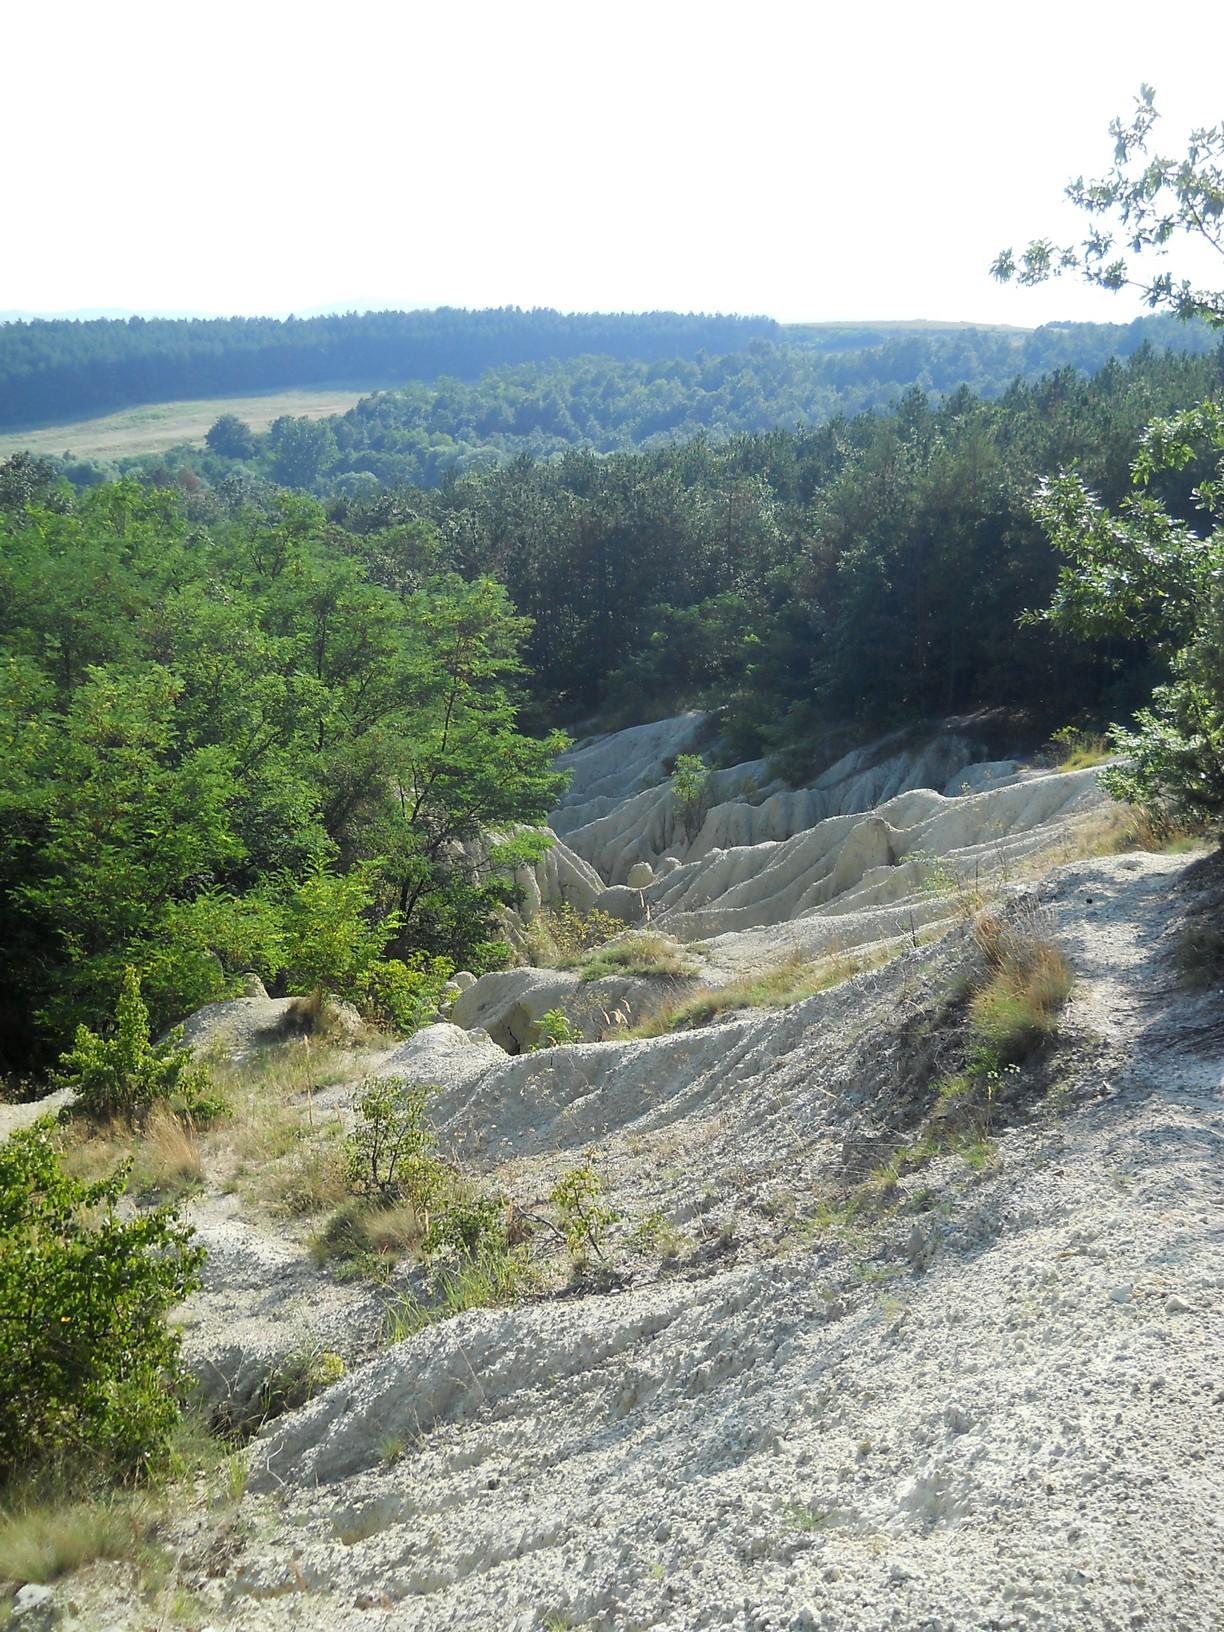 A falu feletti erdőben egyedülálló, védett természeti érték található, a 20 millió éves riolittufa-képződmény, amelyhez hasonlót a világon összesen hat helyen tartanak számon